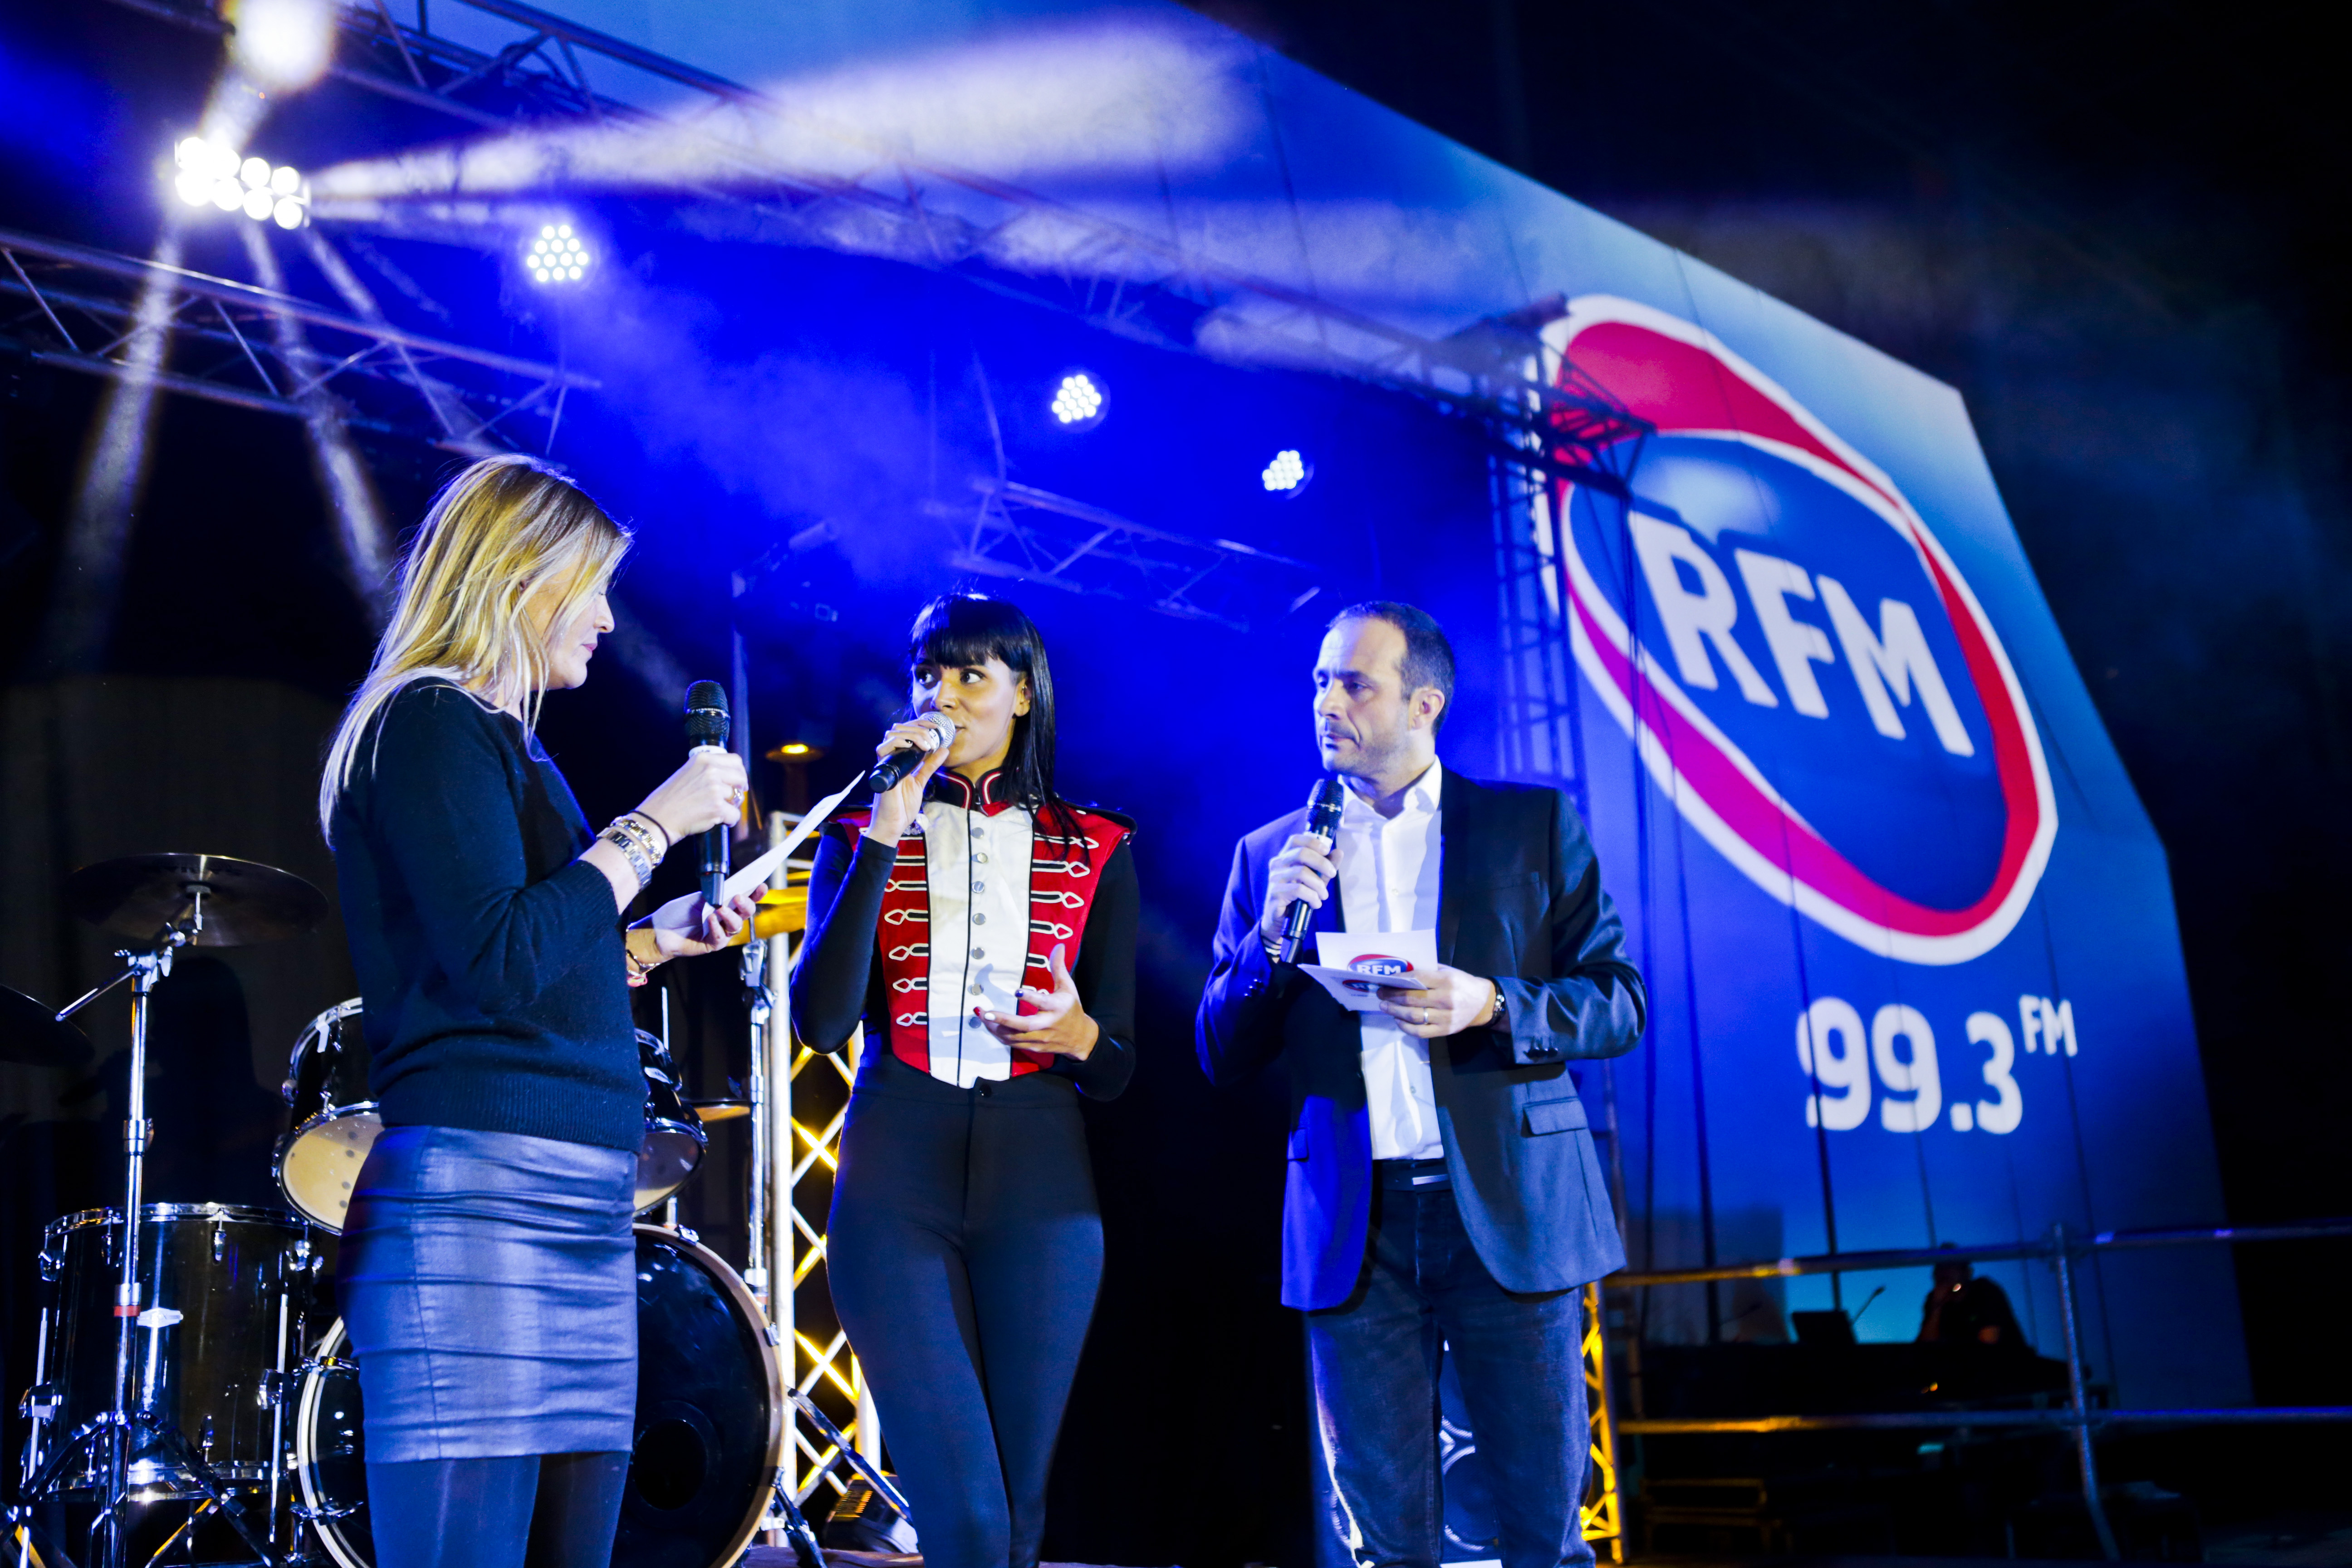 Justine Fraioli et Vincent Richard ont accueilli les artistes présents à ce RFM Music Live de Montpellier © Guilhem Canal